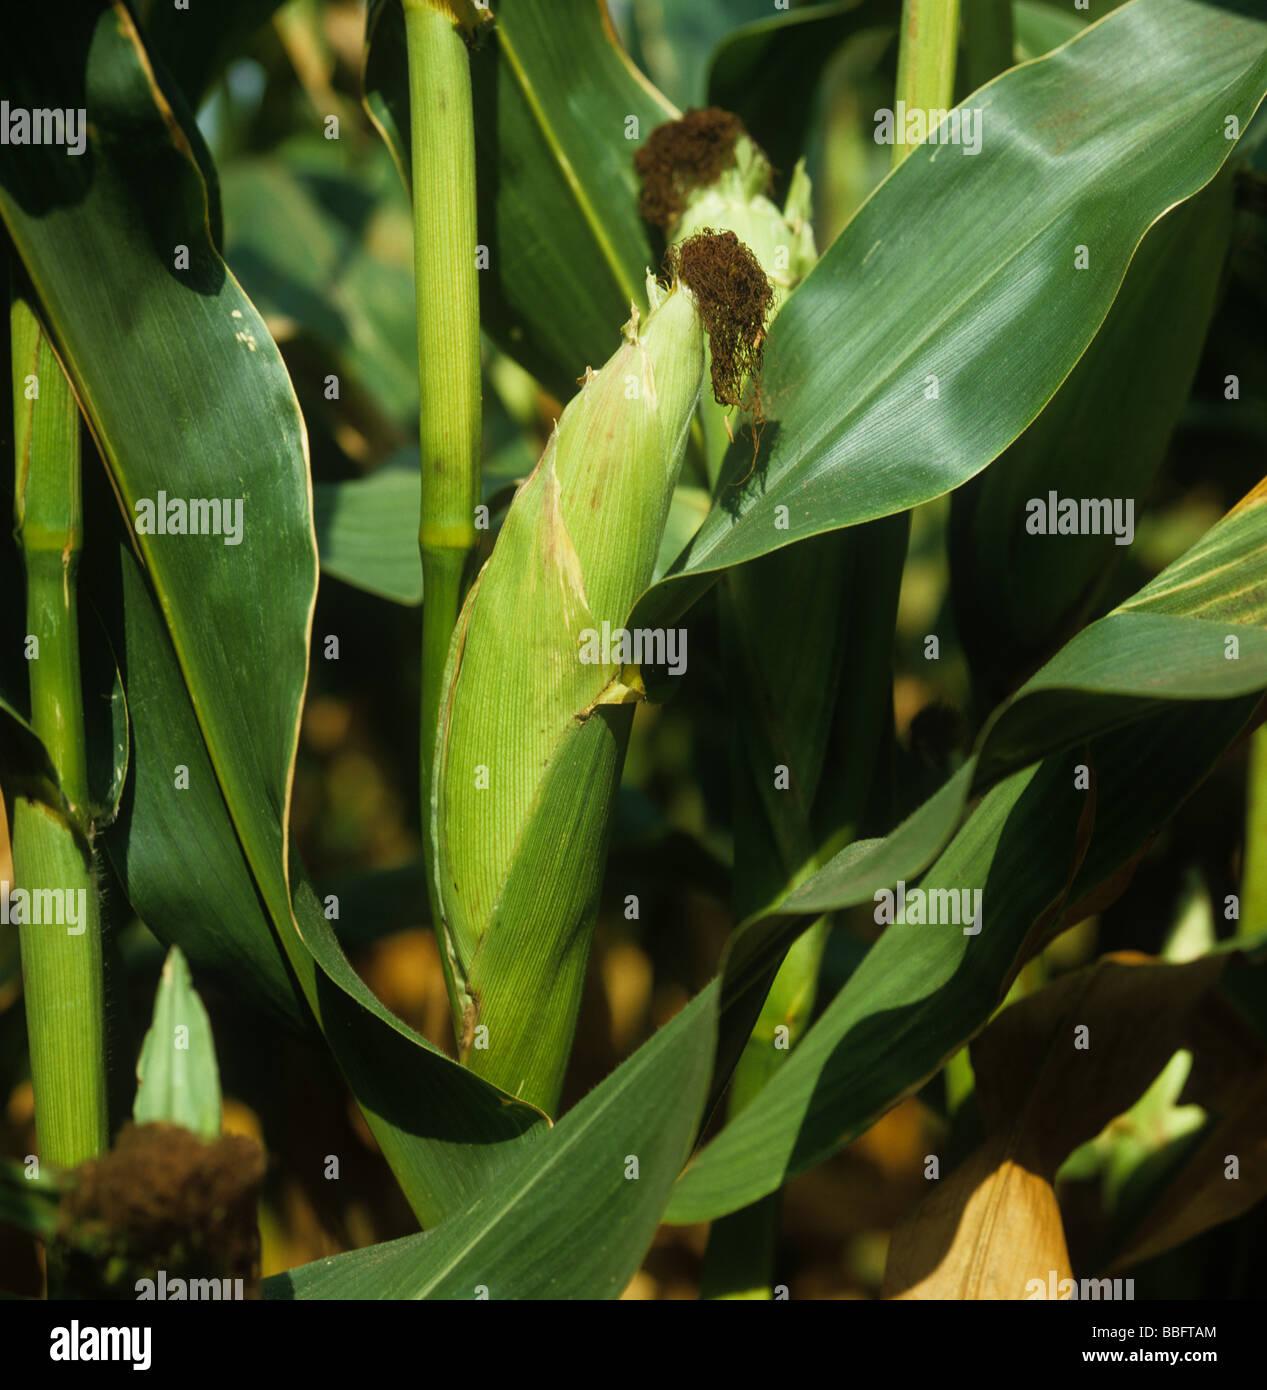 Maturo di tutoli di mais e femmina fertilizzata recettori sulla pianta di raccolto Immagini Stock